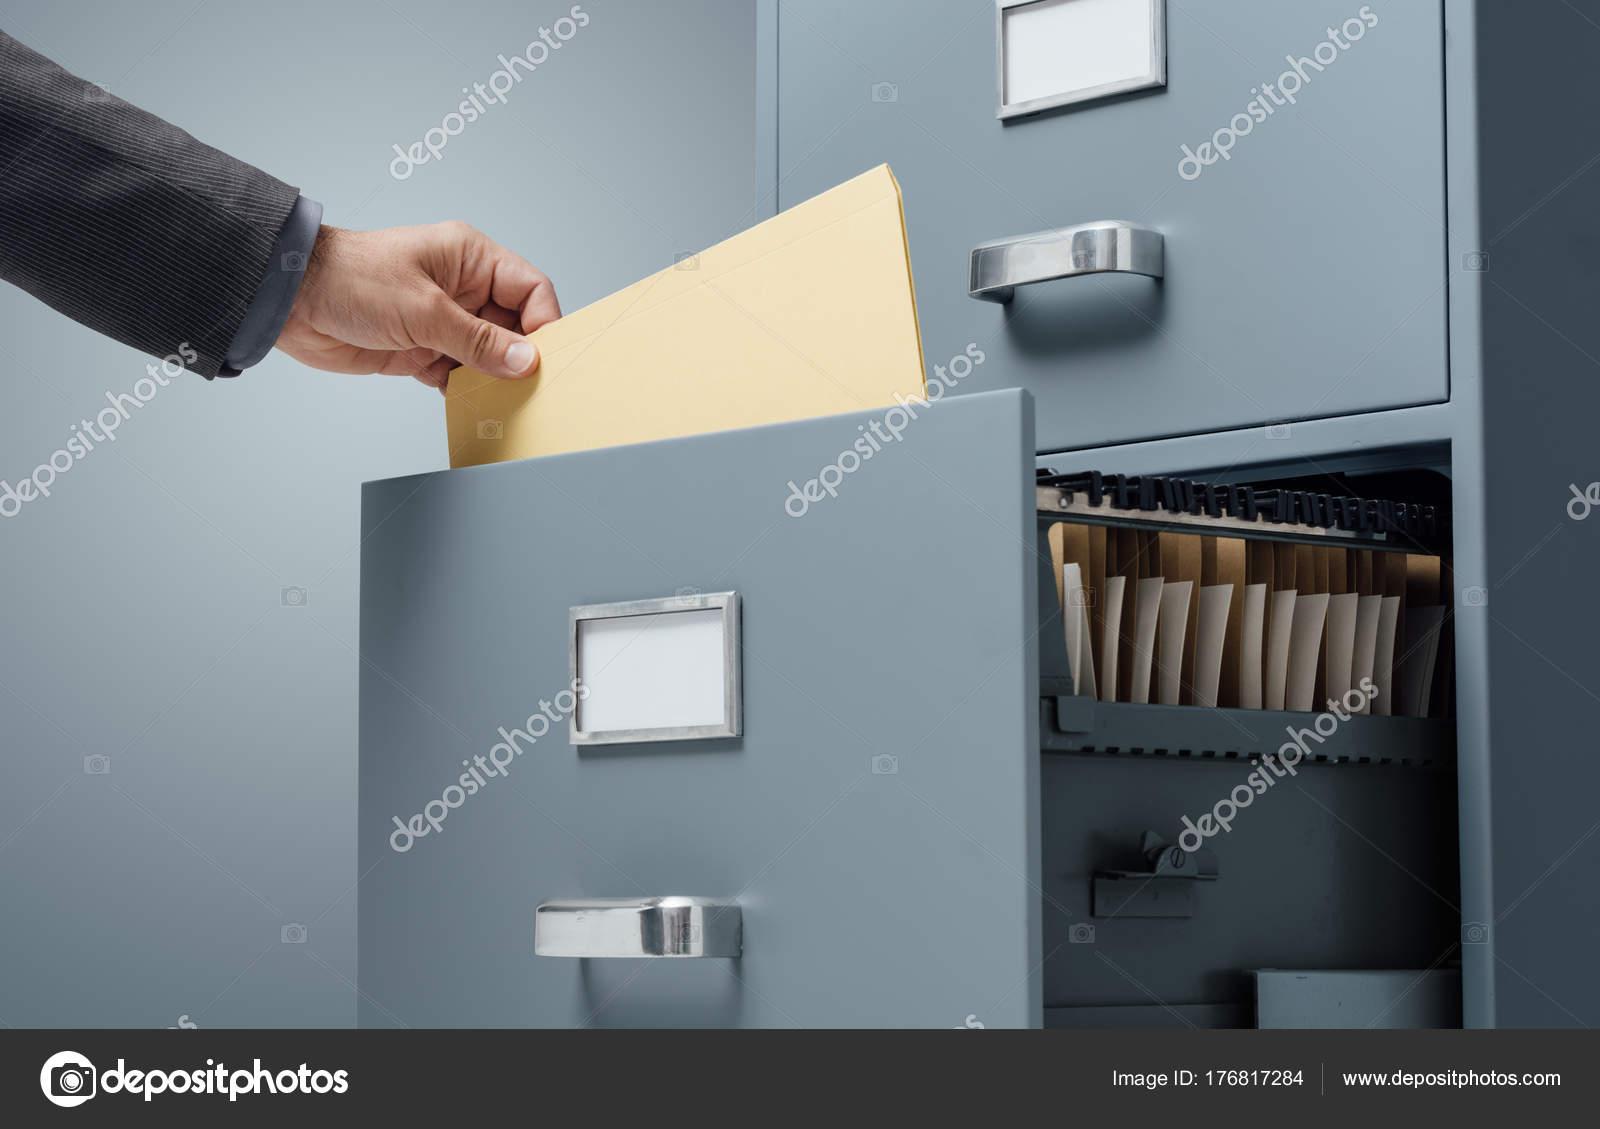 Mobili Archivio Ufficio : Impiegato ufficio ricerca file concetto deposito mobile archivio